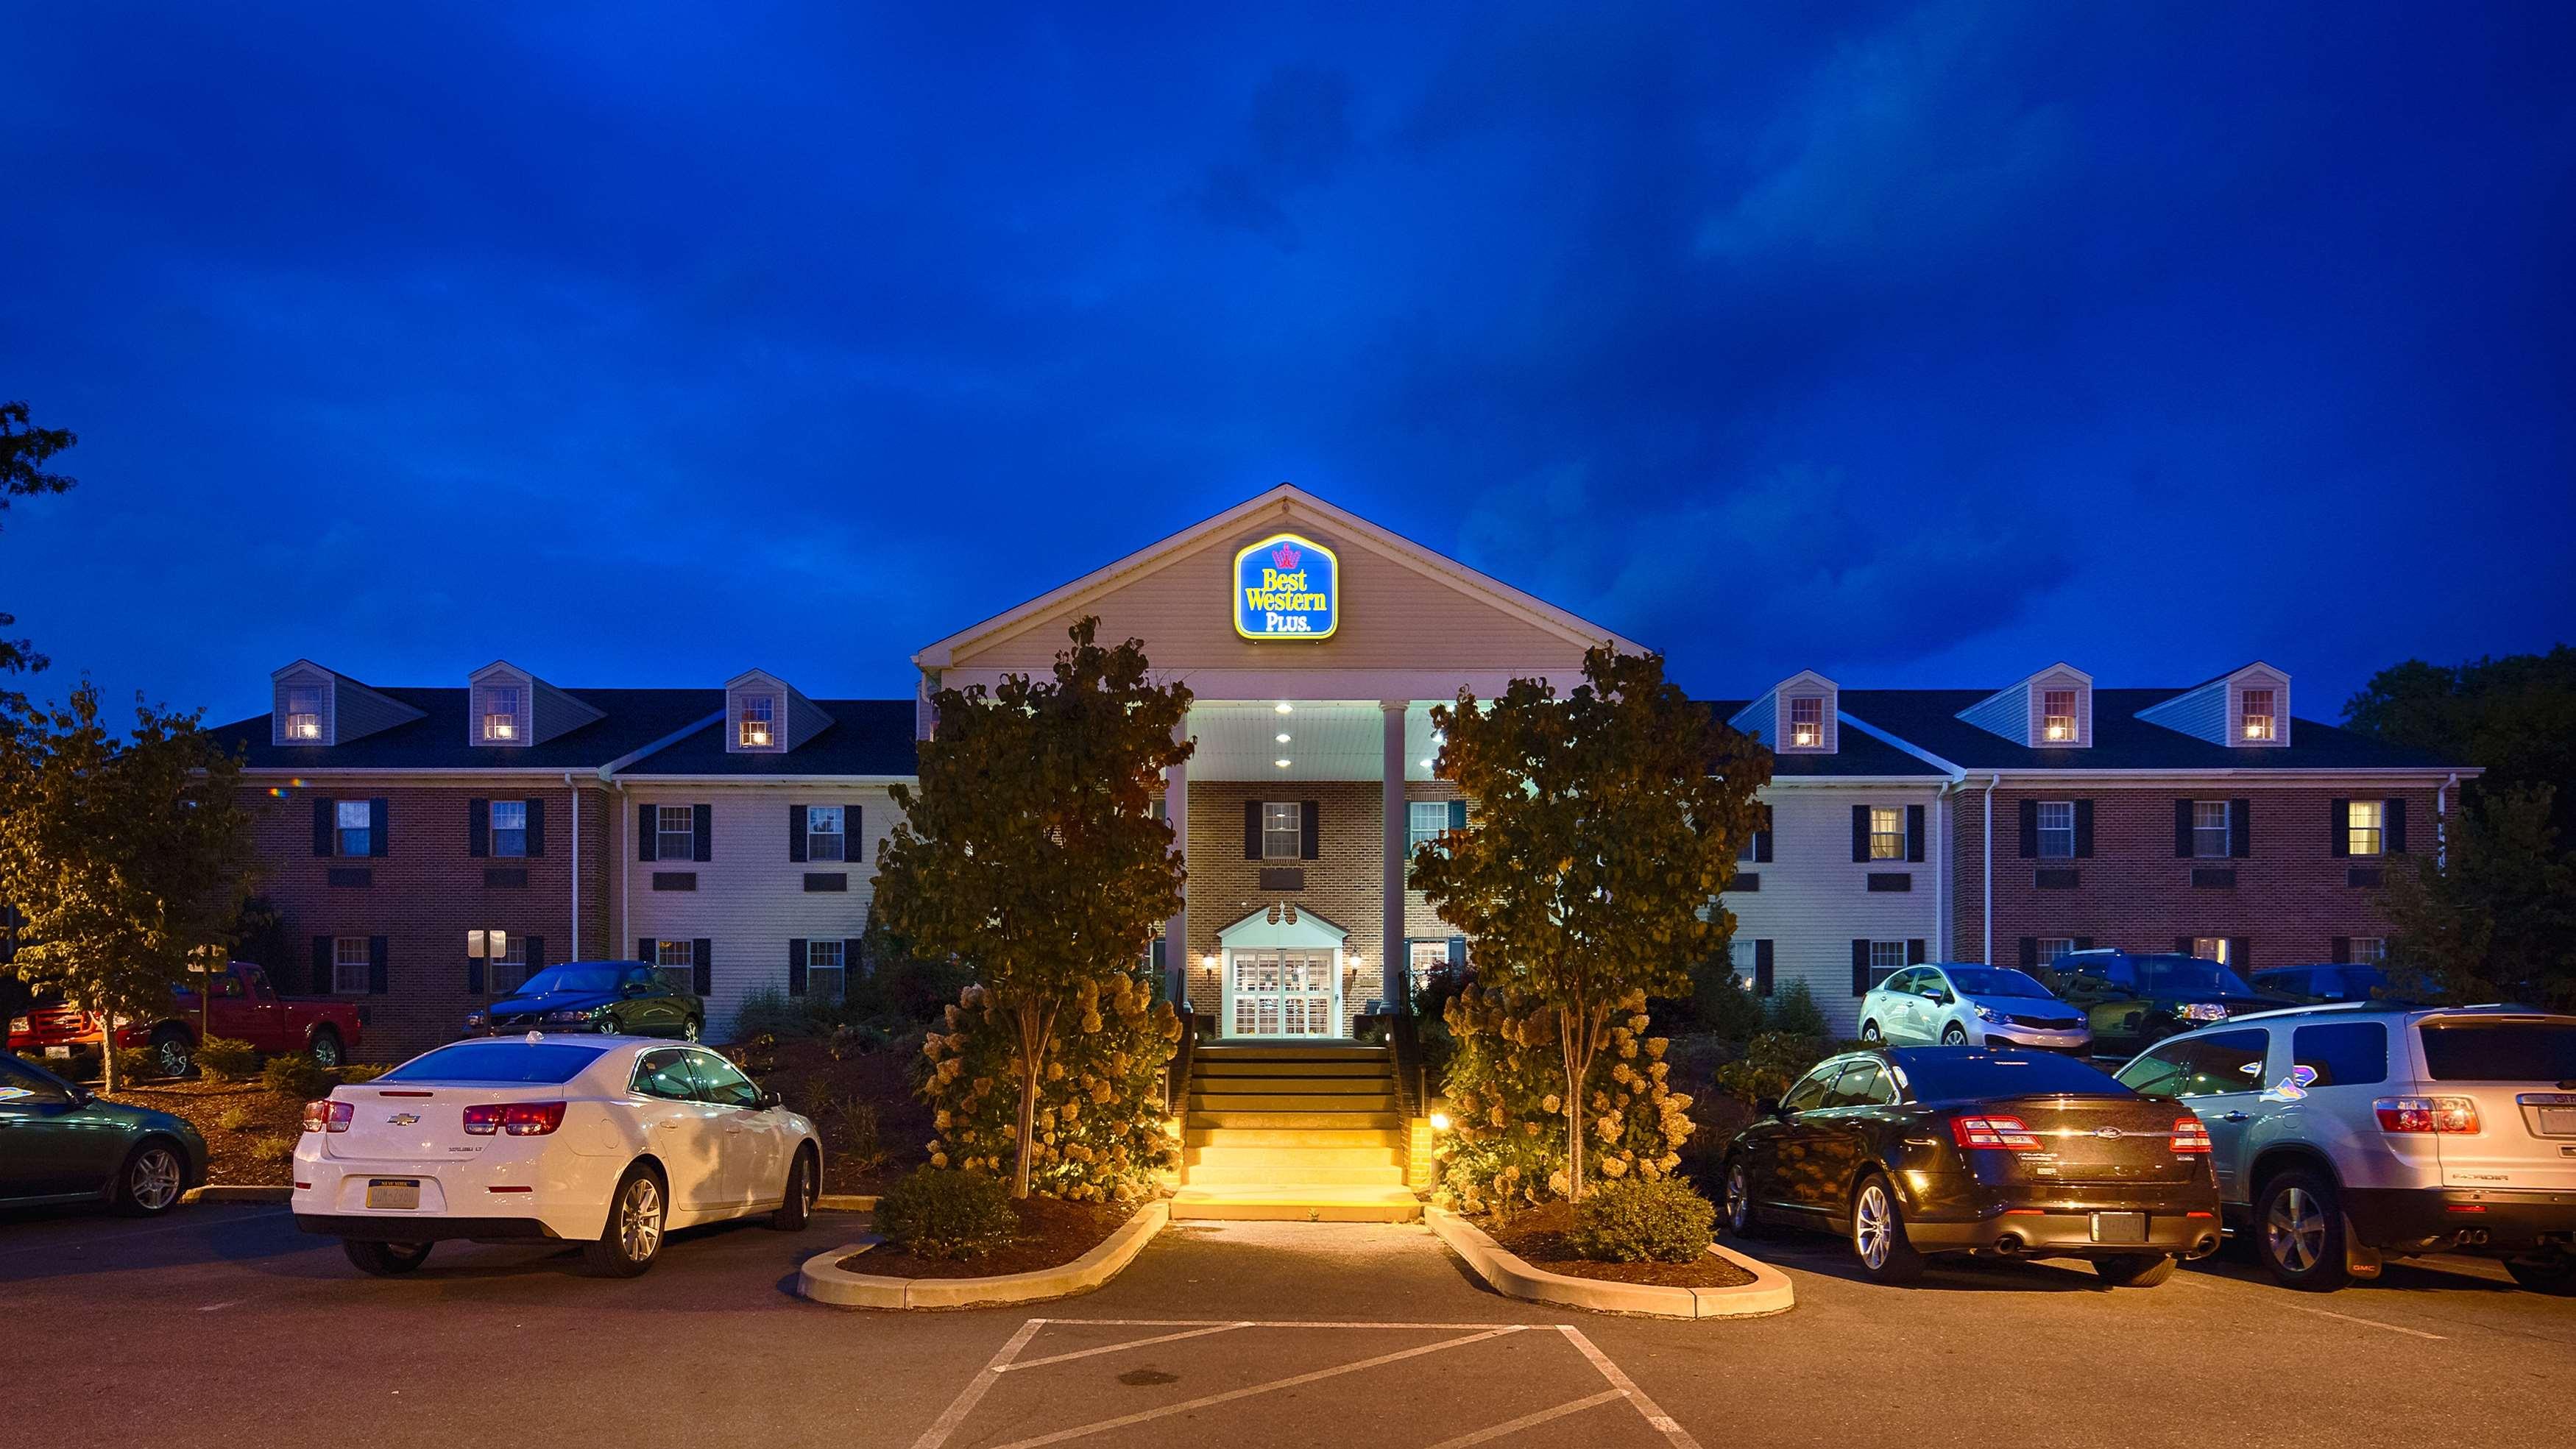 Best Western Plus Country Cupboard Inn image 0